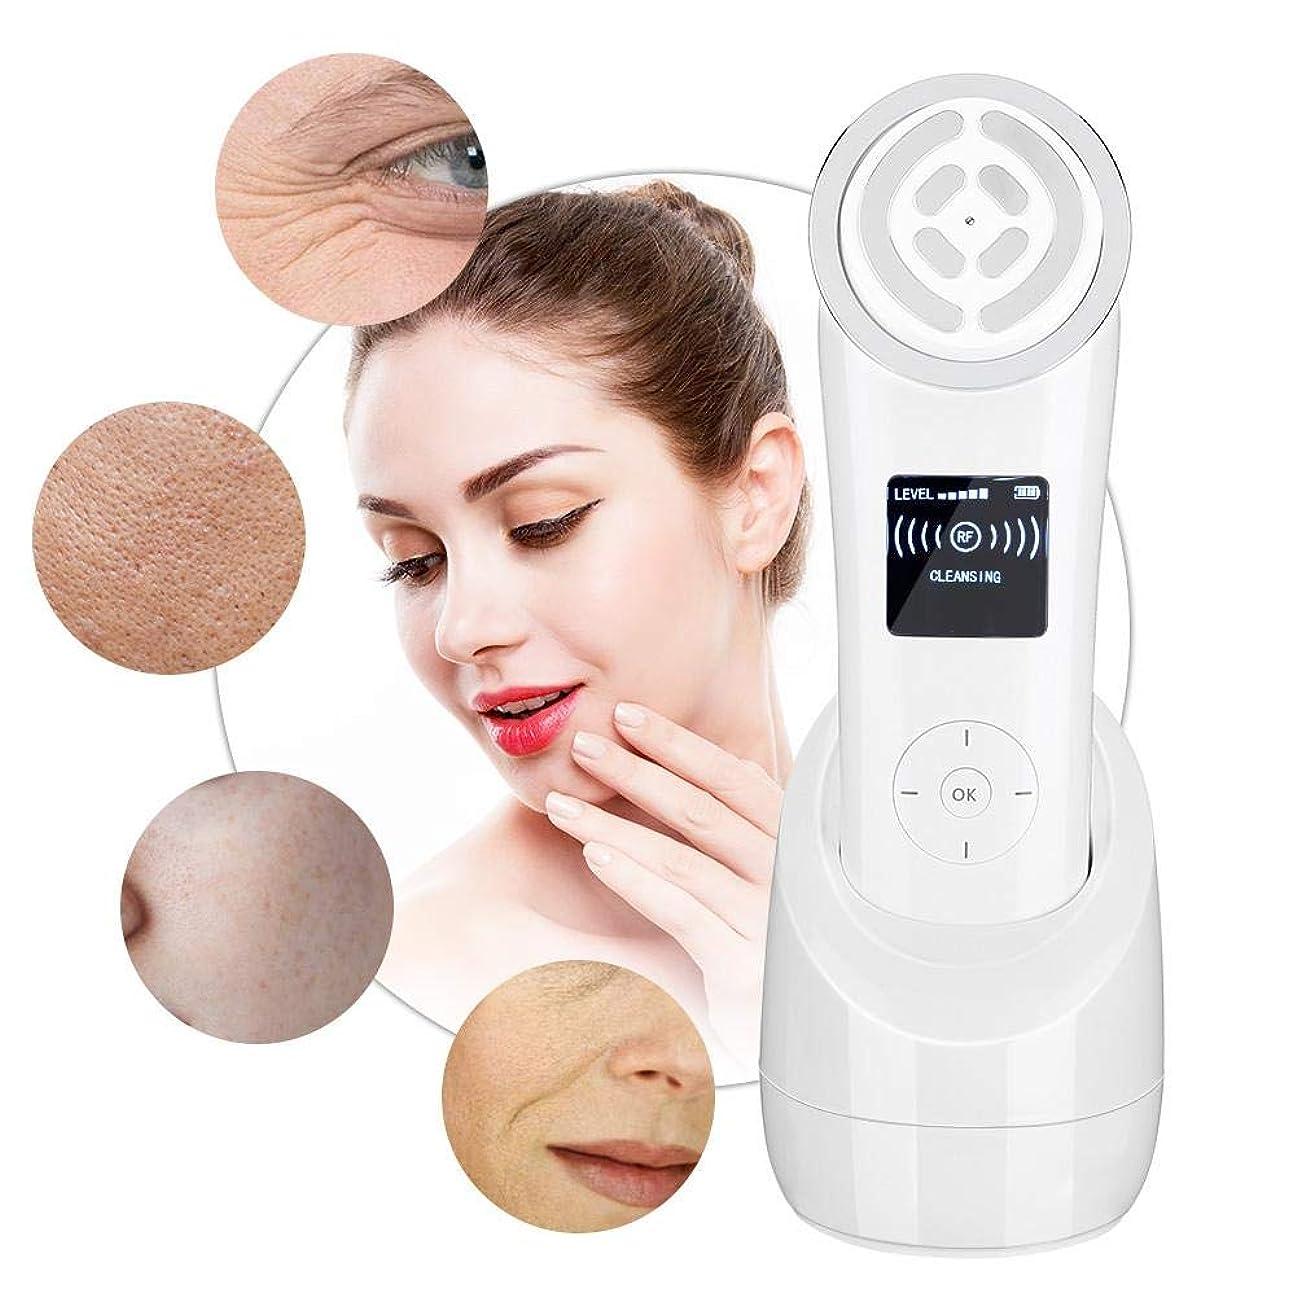 焦げ倍増情熱的顔の美しさのマシン - RF周波数アンチエイジングアンチリンクル、肌の若返り楽器 - ポータブル若返り肌がEMS筋肉刺激を強化(UE)